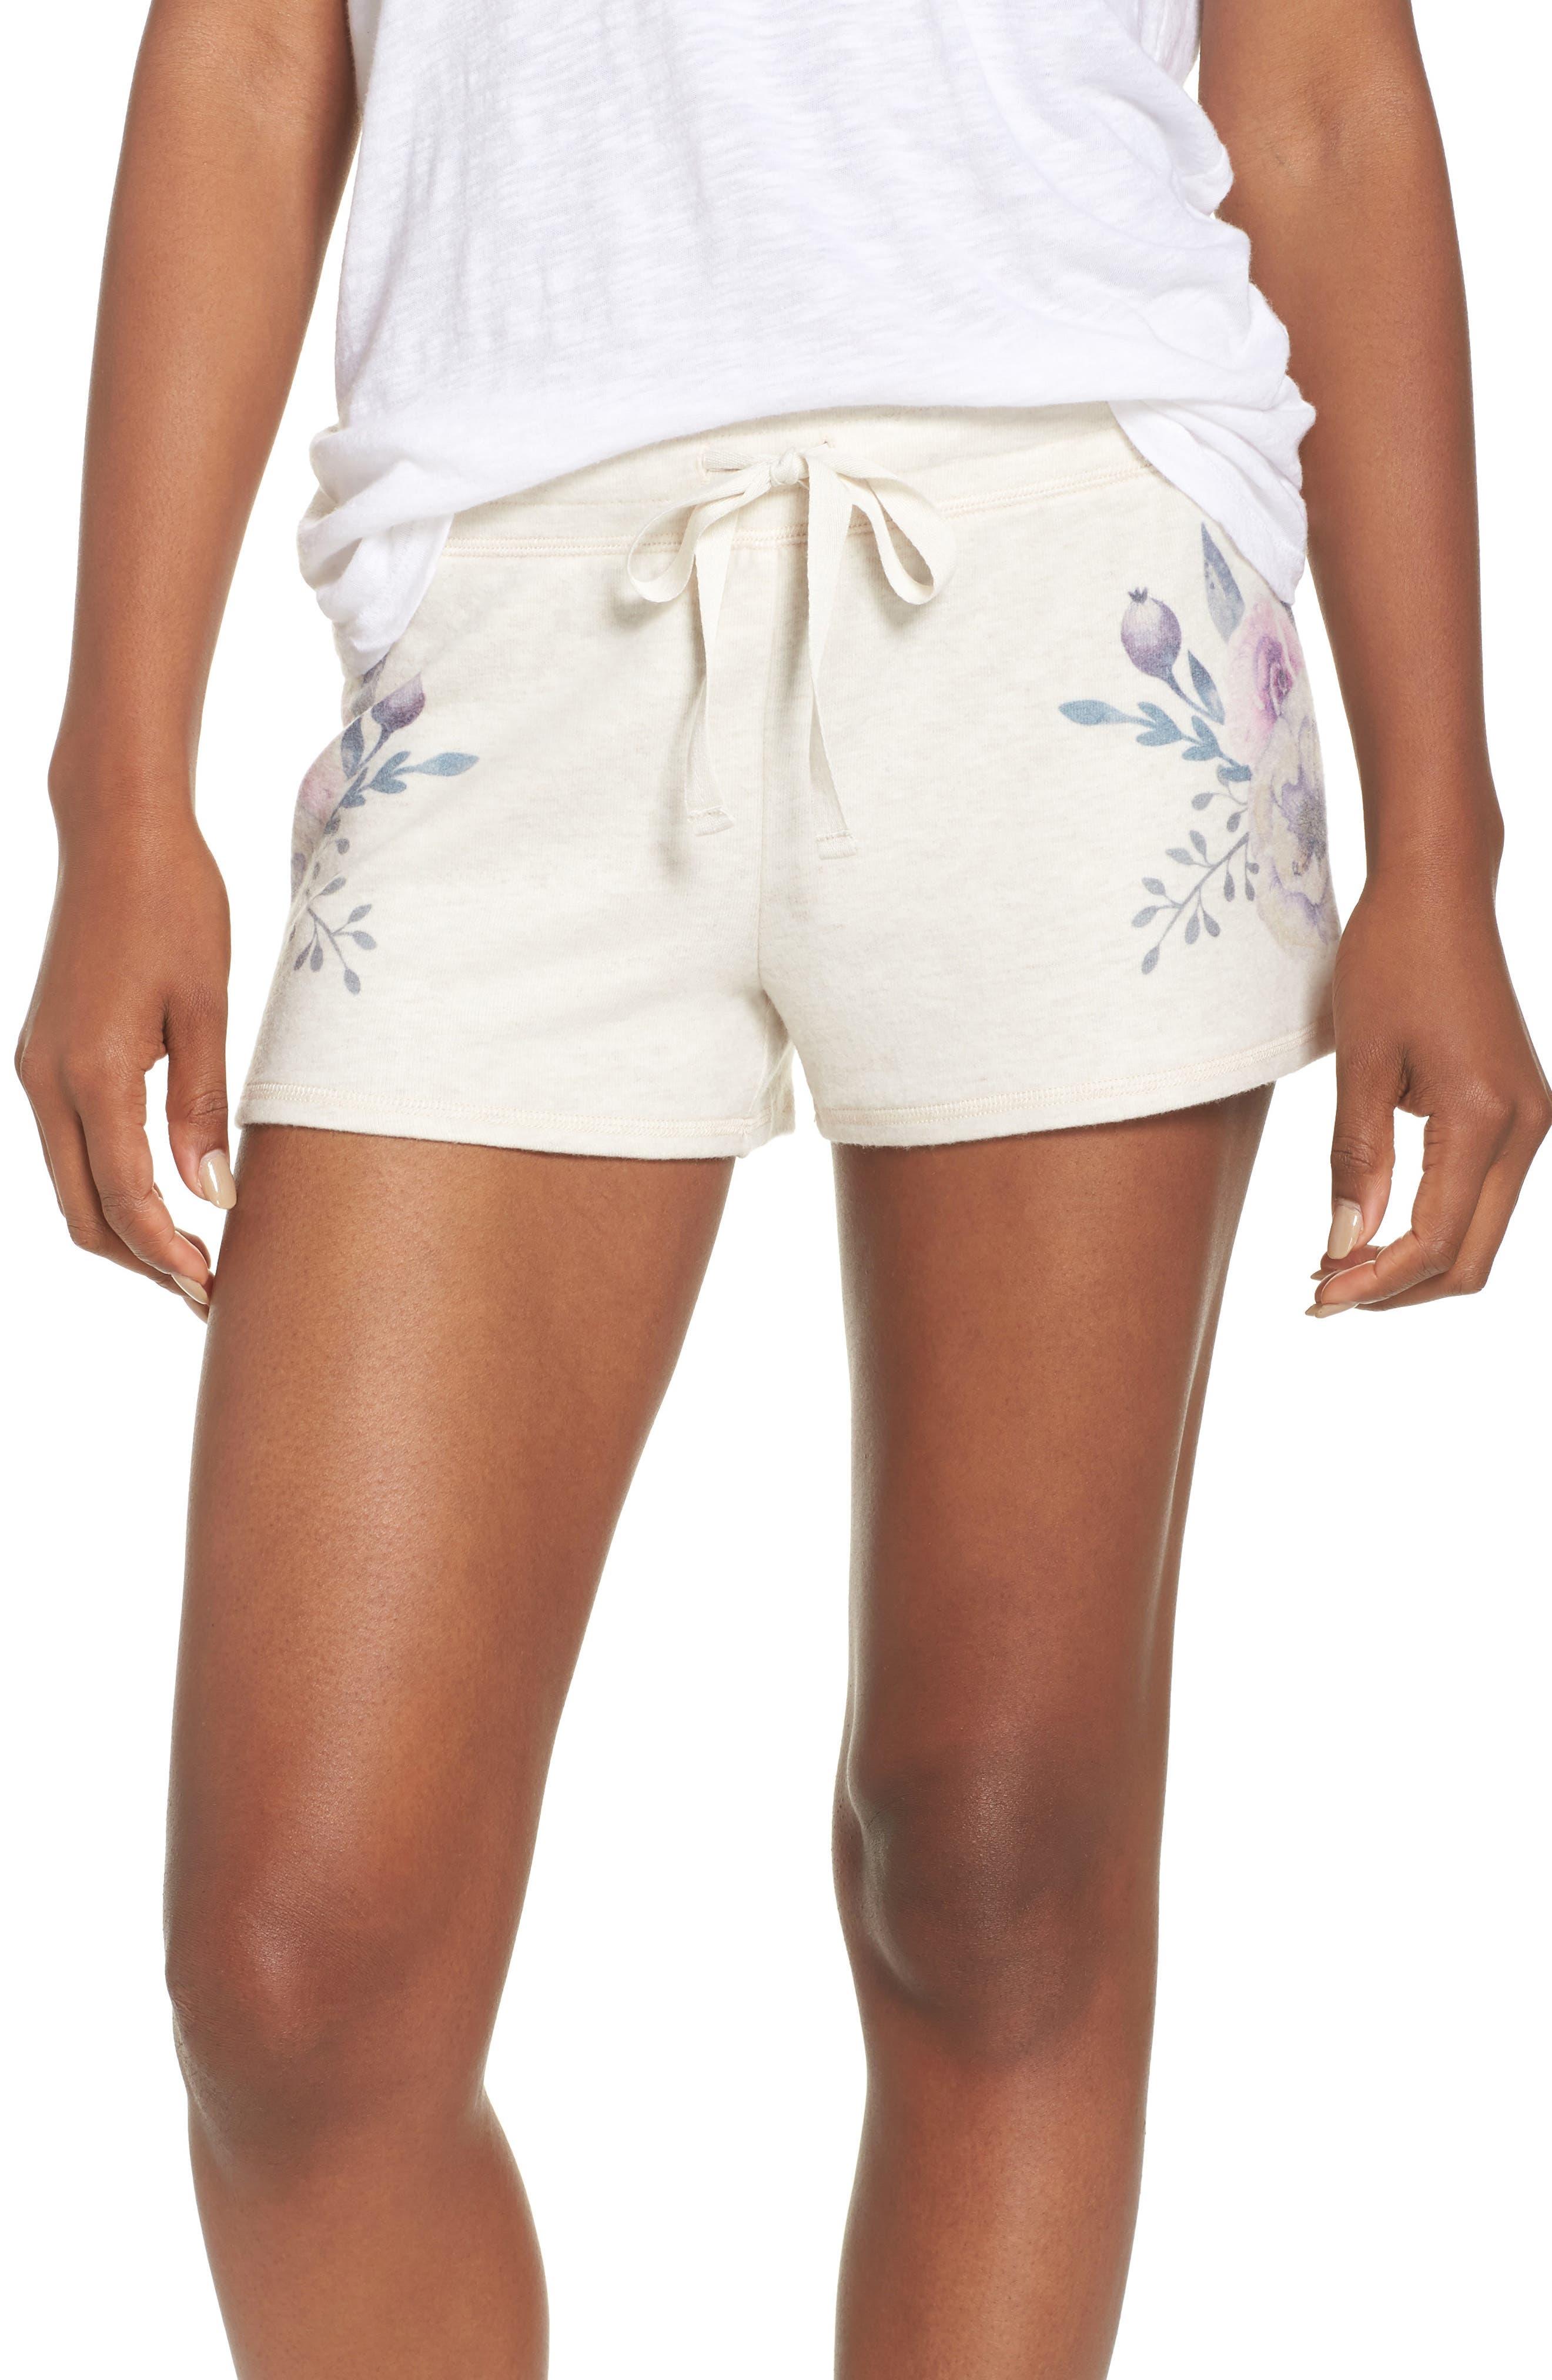 Peachy Floral Pajama Shorts,                         Main,                         color, 900